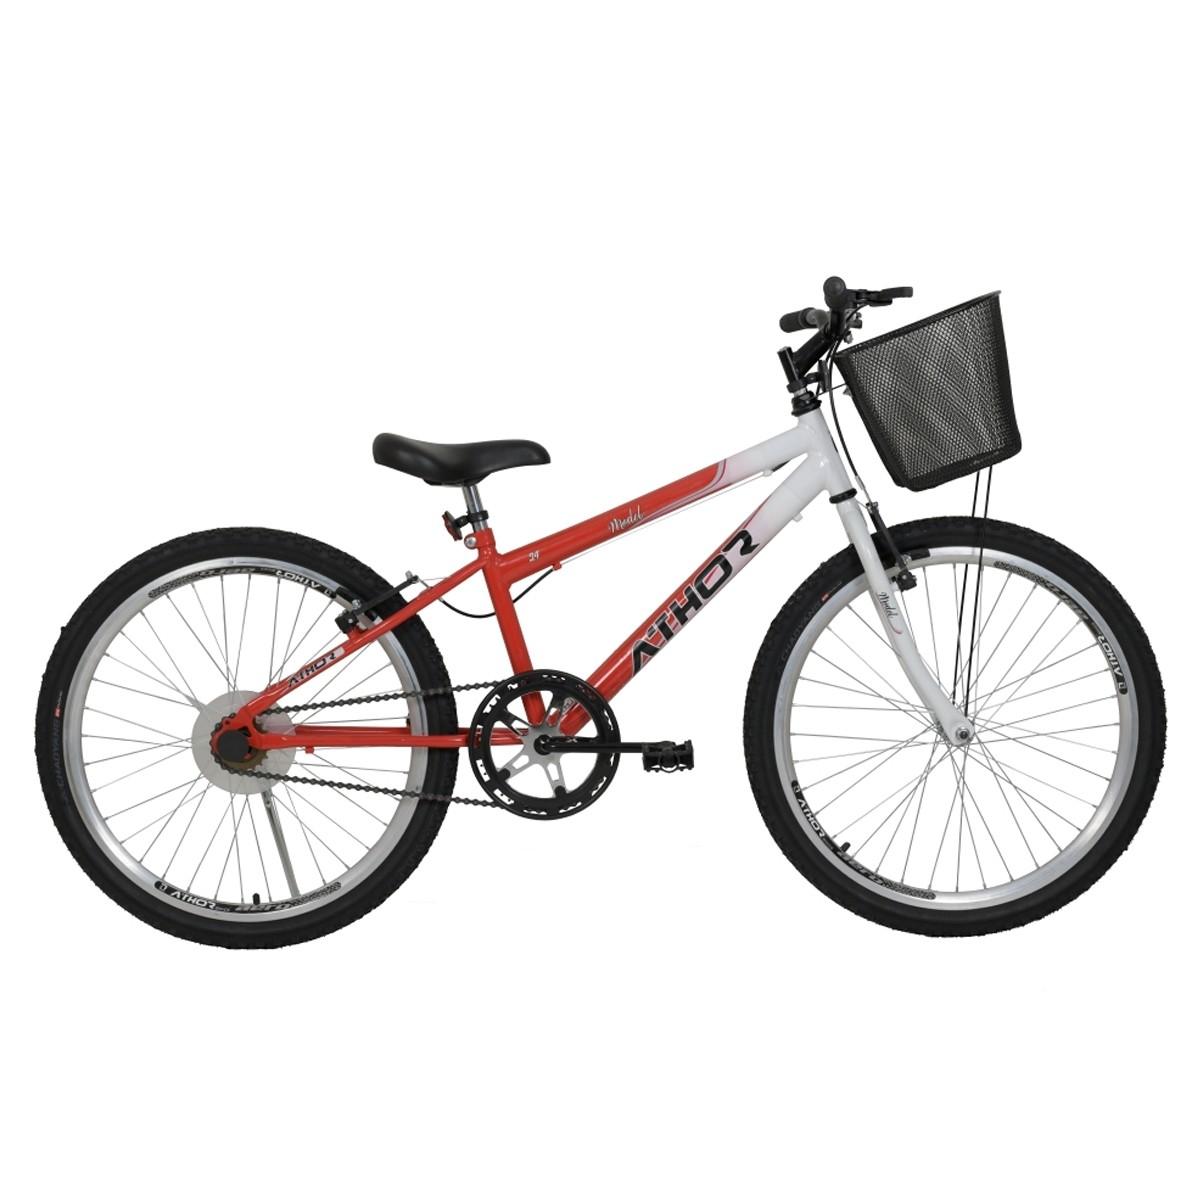 Bicicleta Athor Model Infantil Aro 24 Feminina C/ Cesto